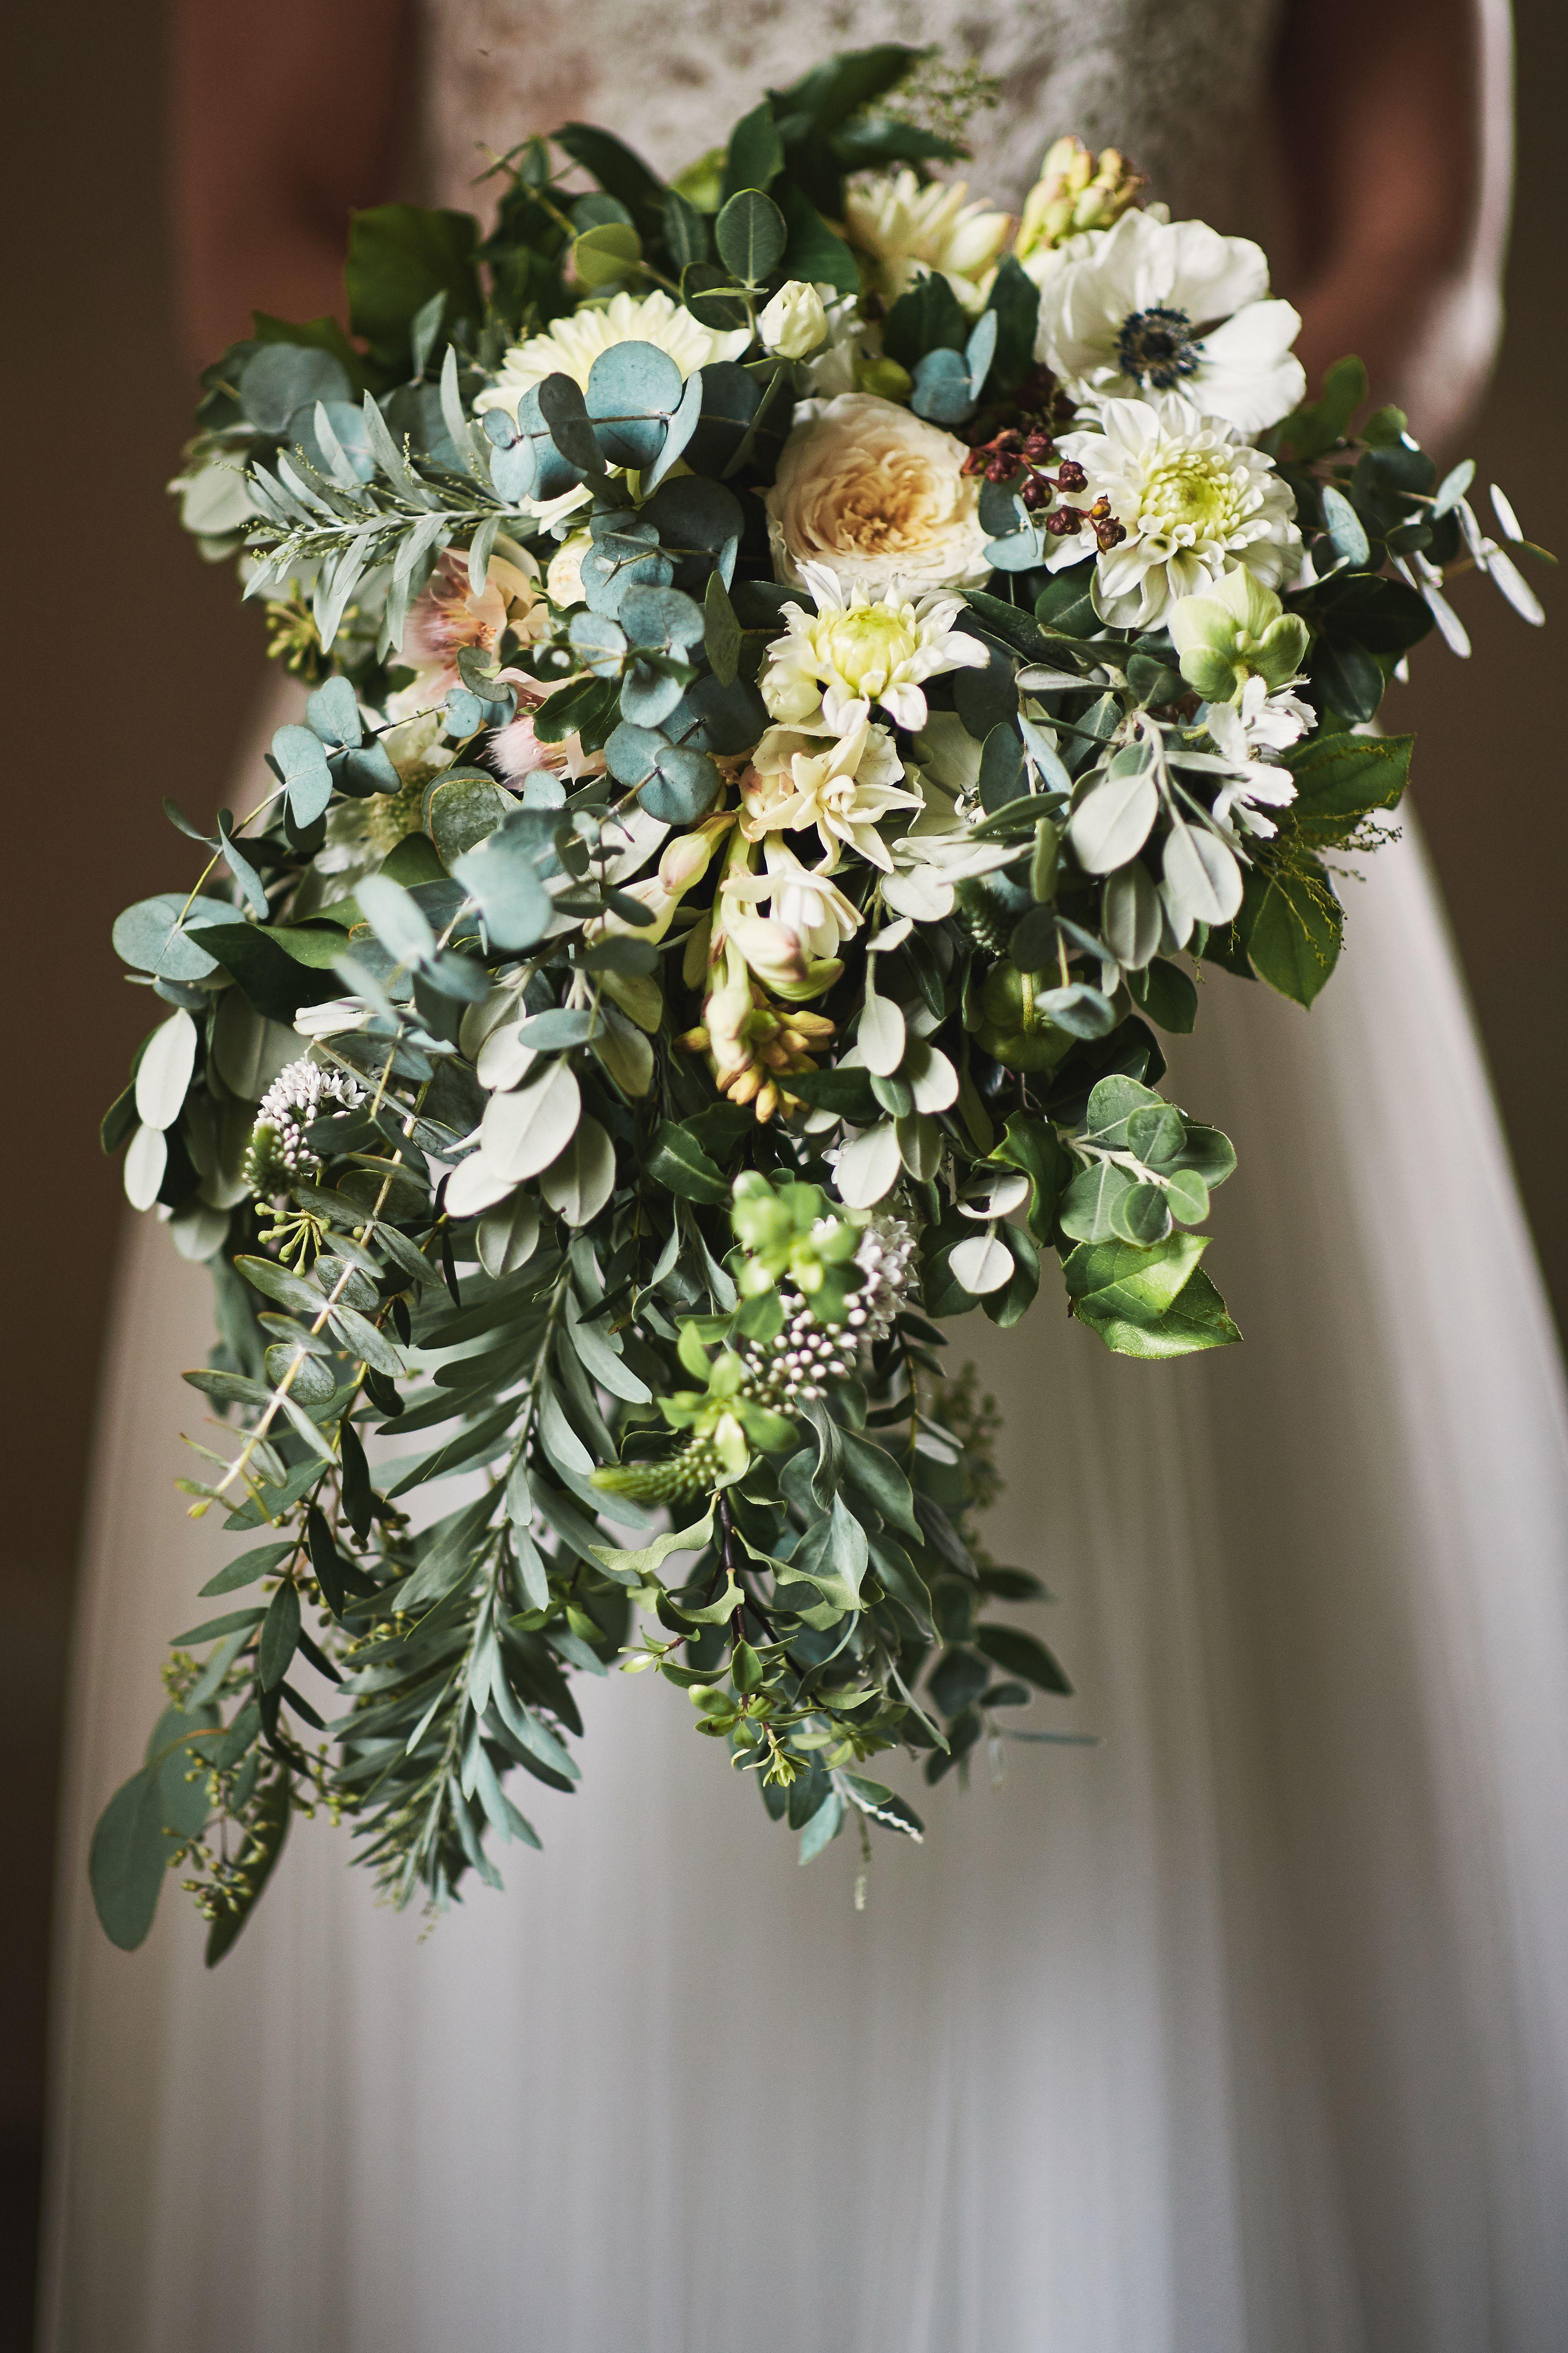 Inna Studio Wedding Bouquet Hanging Bouquet Bouquet With Lots Of Greenery Bukiet Slubny Zwisajacy Bukiet Bukiet Z Duza Iloscia Bridal Bouquet Bridal Bouquet